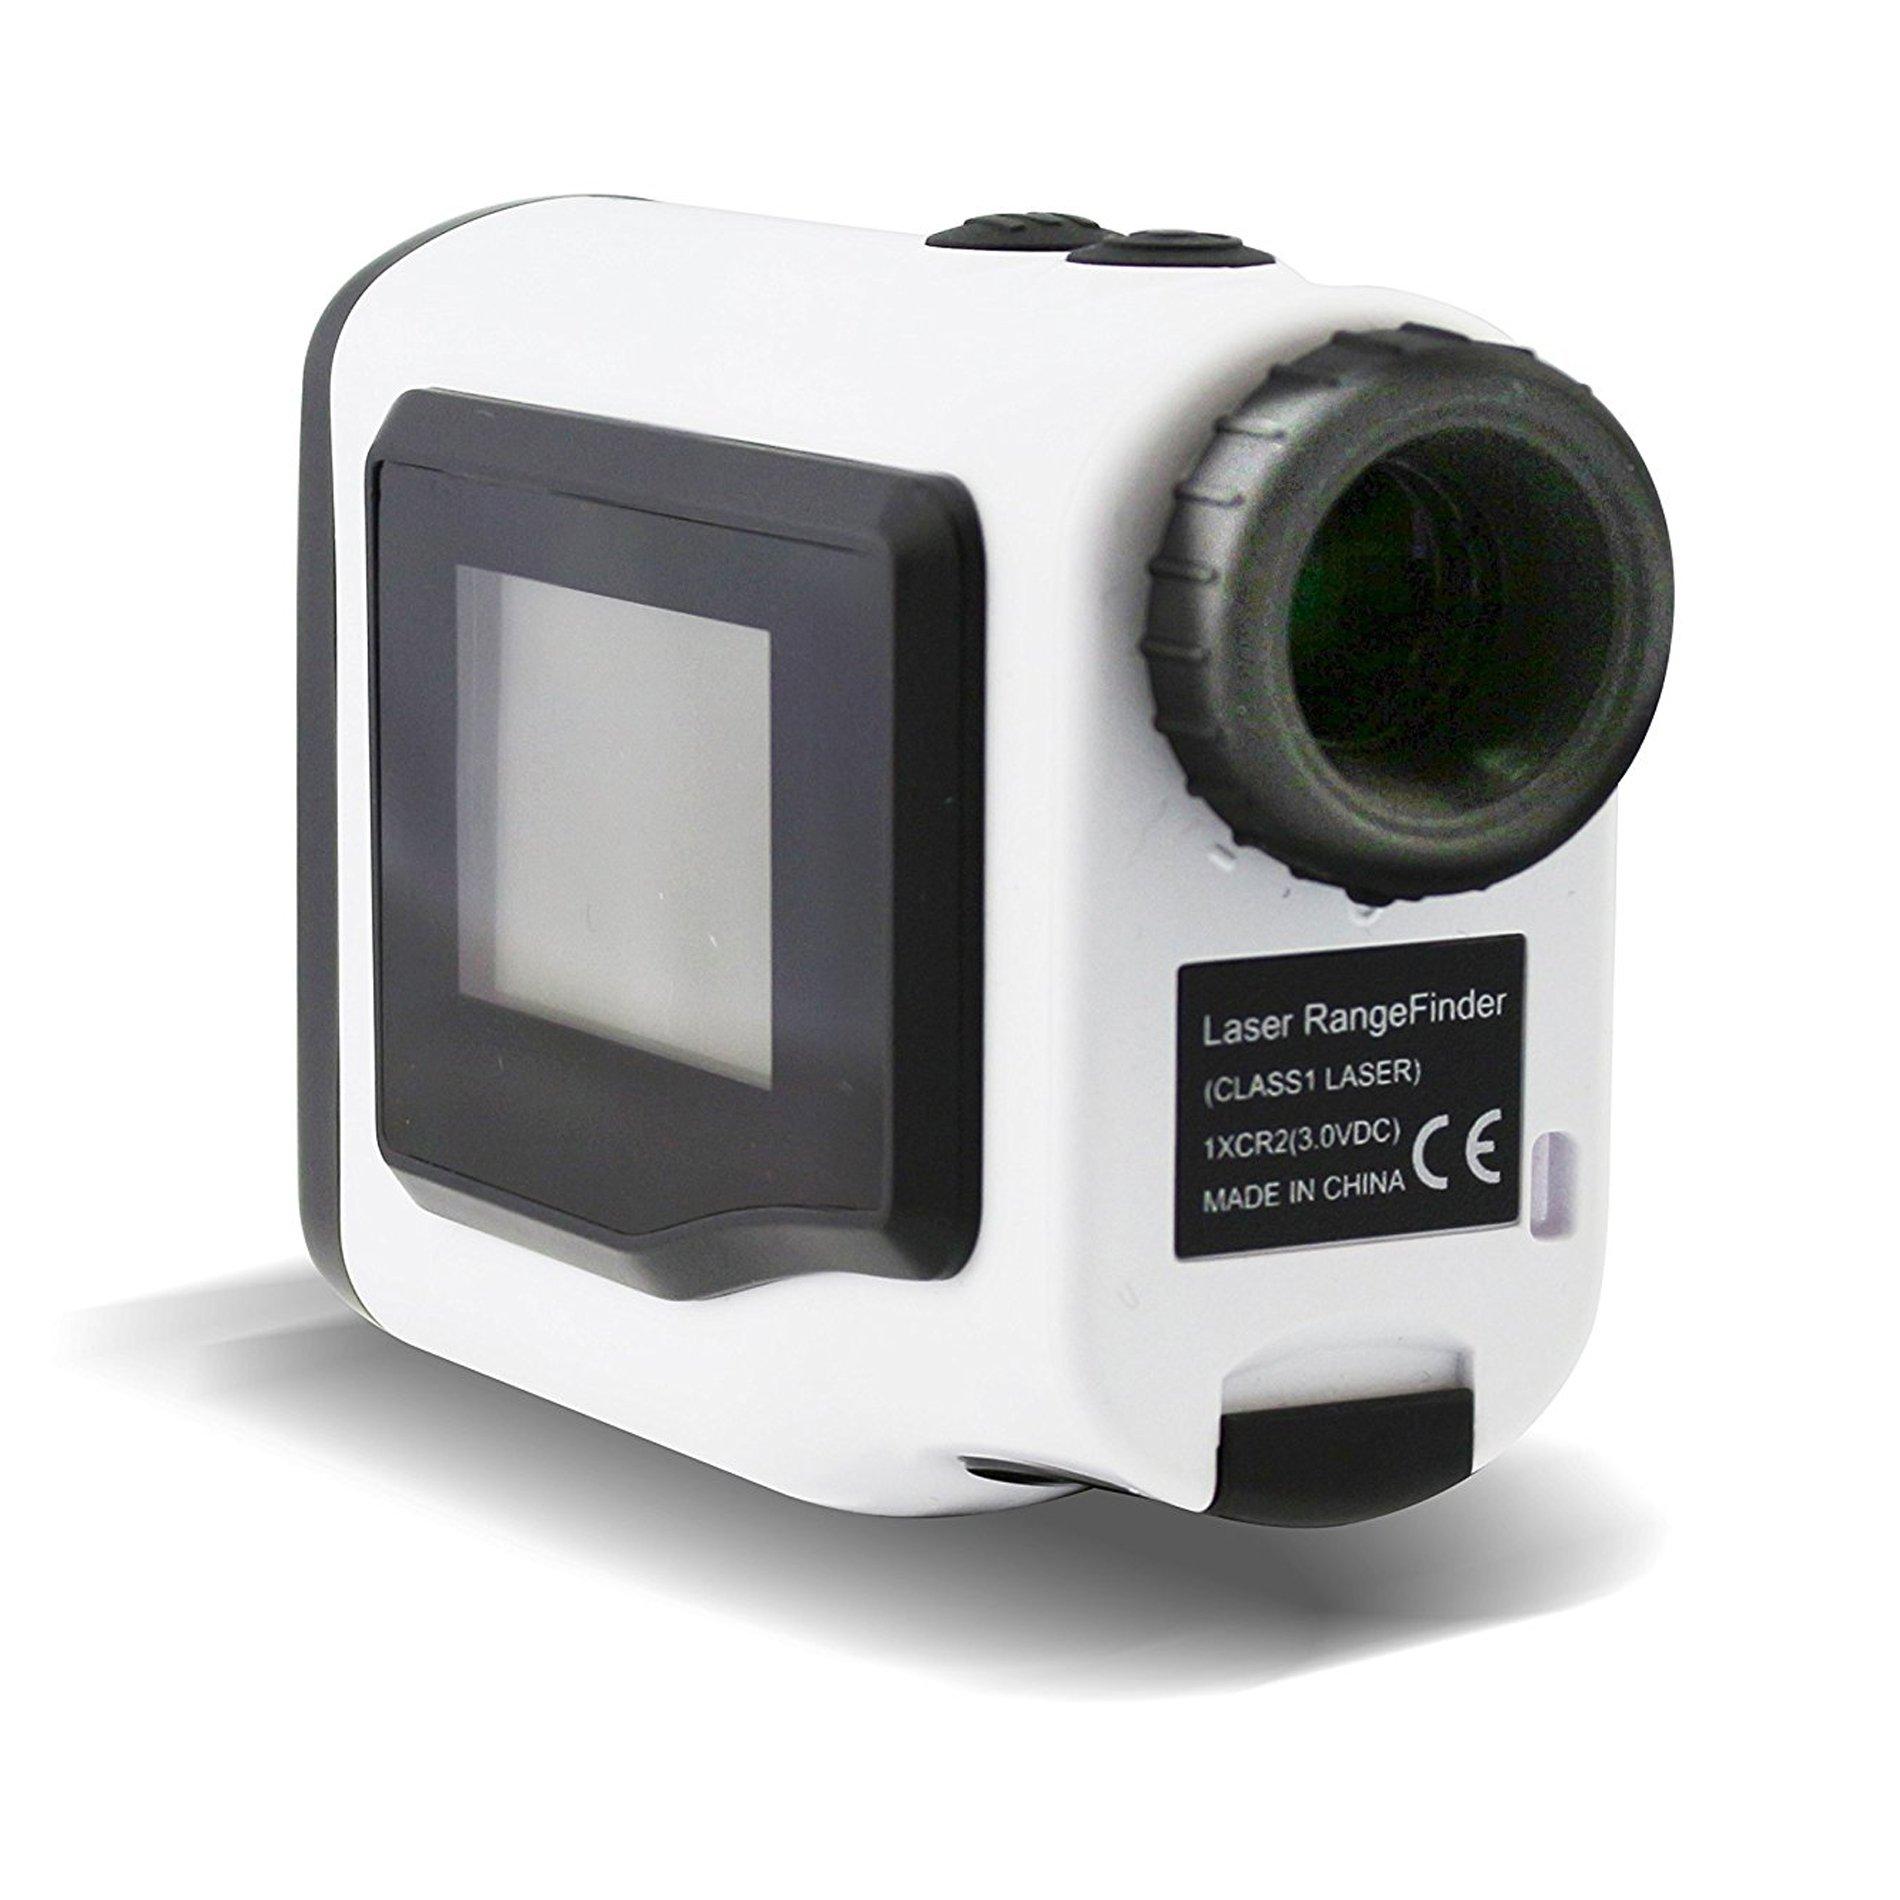 POSMA GF600 Golf Rangefinder 600m Handheld Laser Range Finder 4 Modes External LCD Adjustable Focus Slope Mode